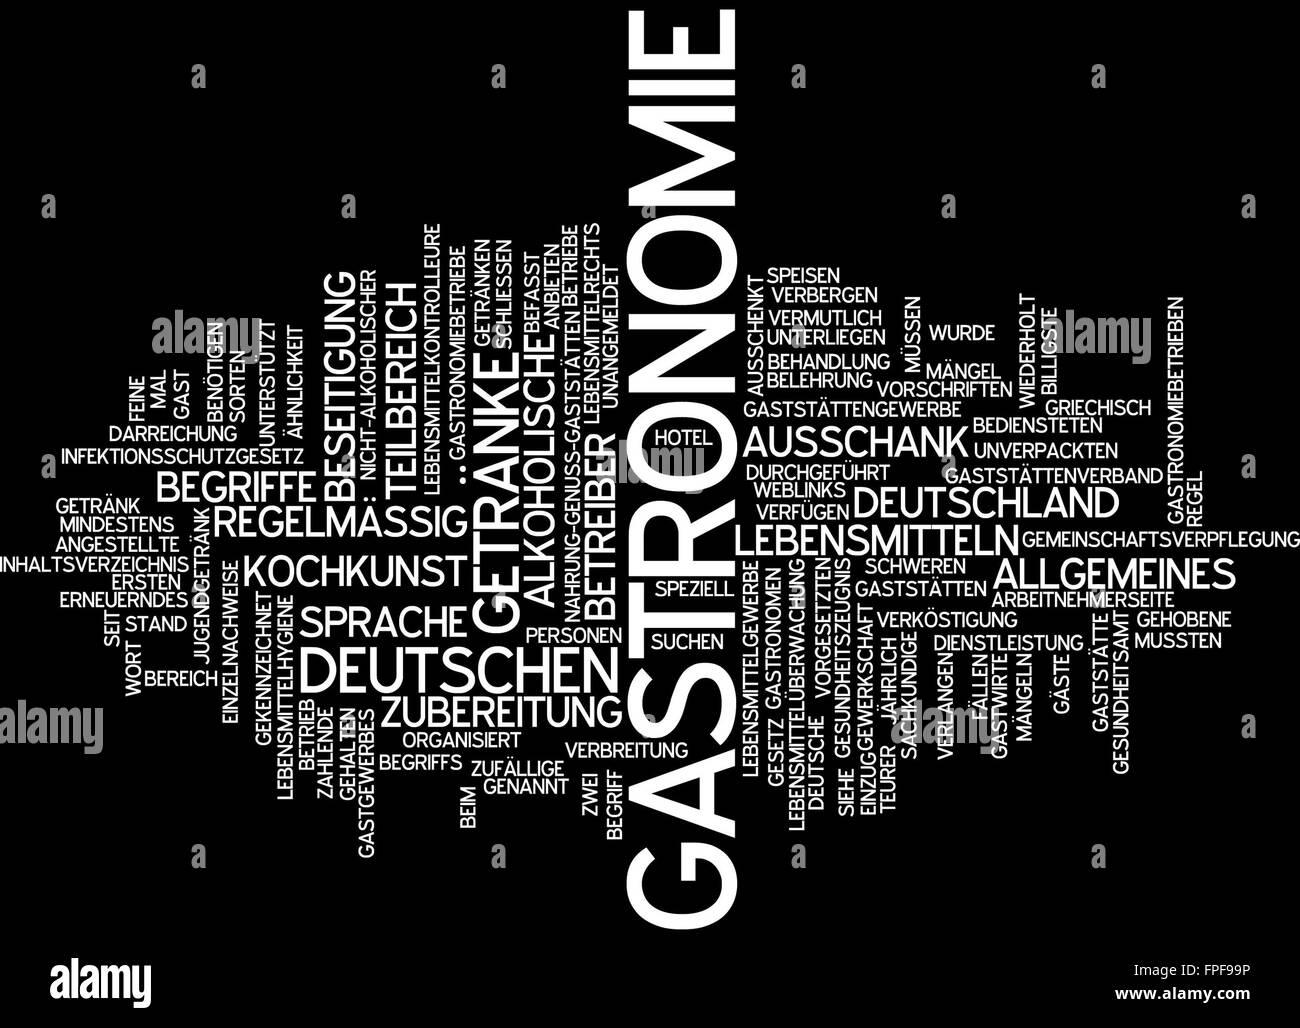 Gastronomie Gastronom Getränk Getränke Speisen Stock Photo: 99910882 ...